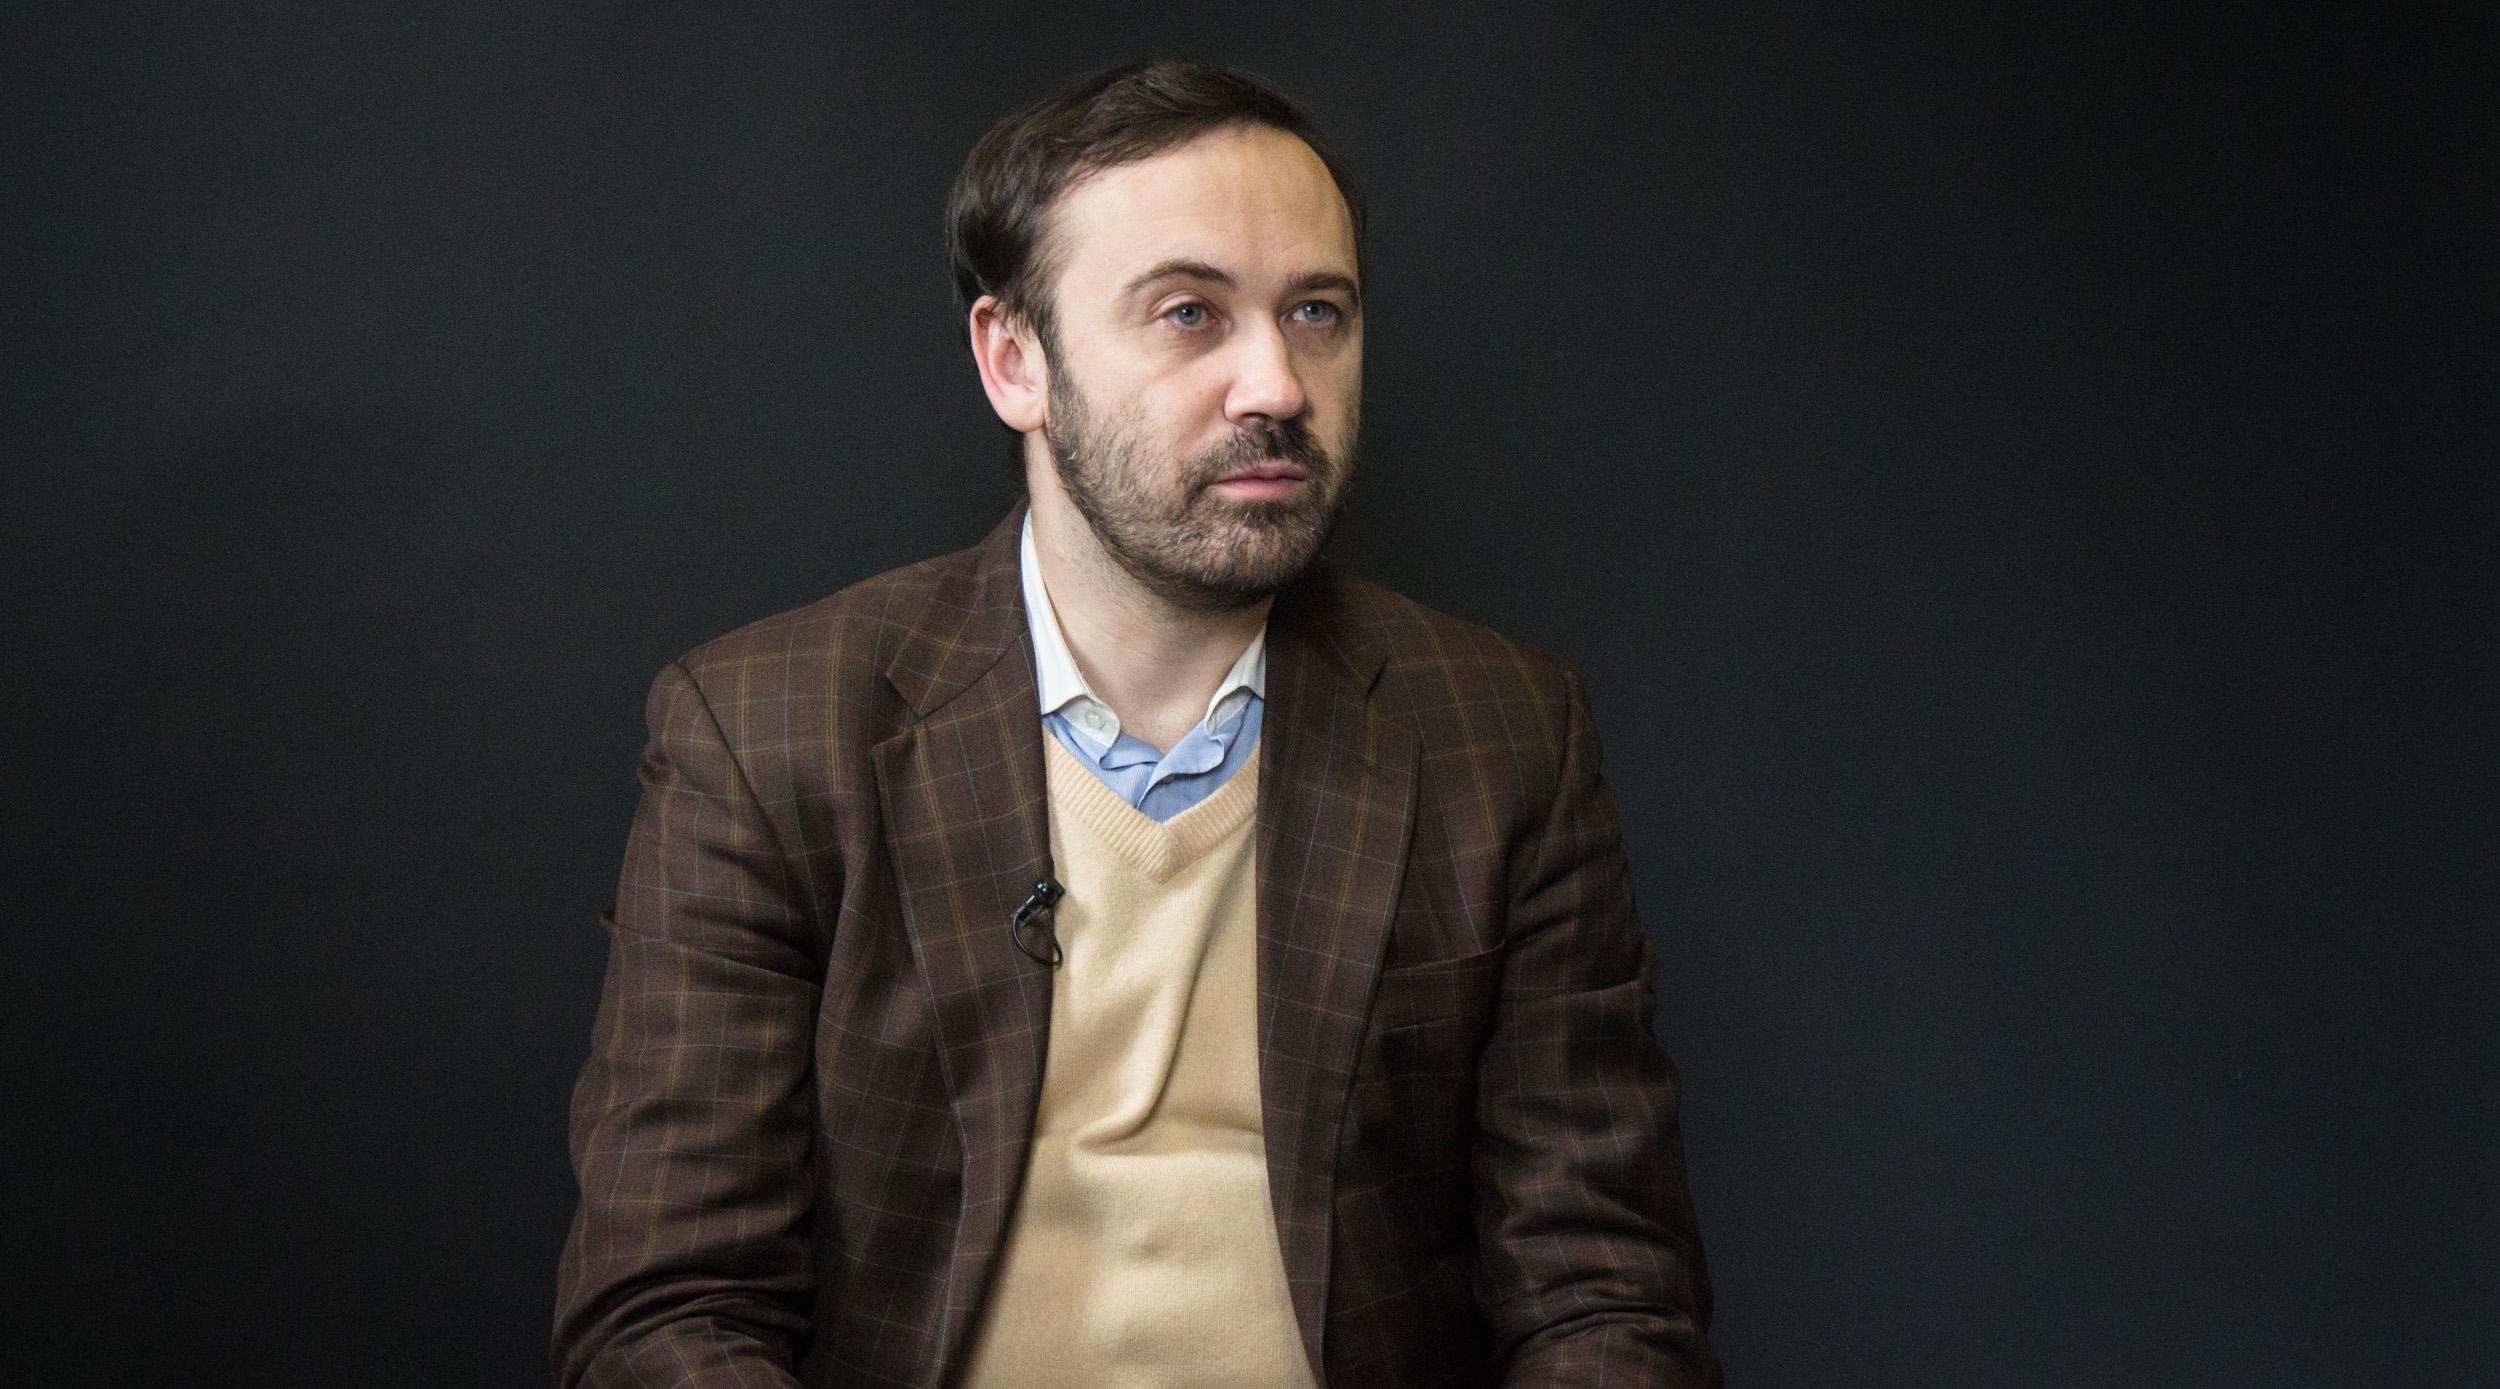 Сулейман Керімов мав відношення до фінансування так званої ЛНР